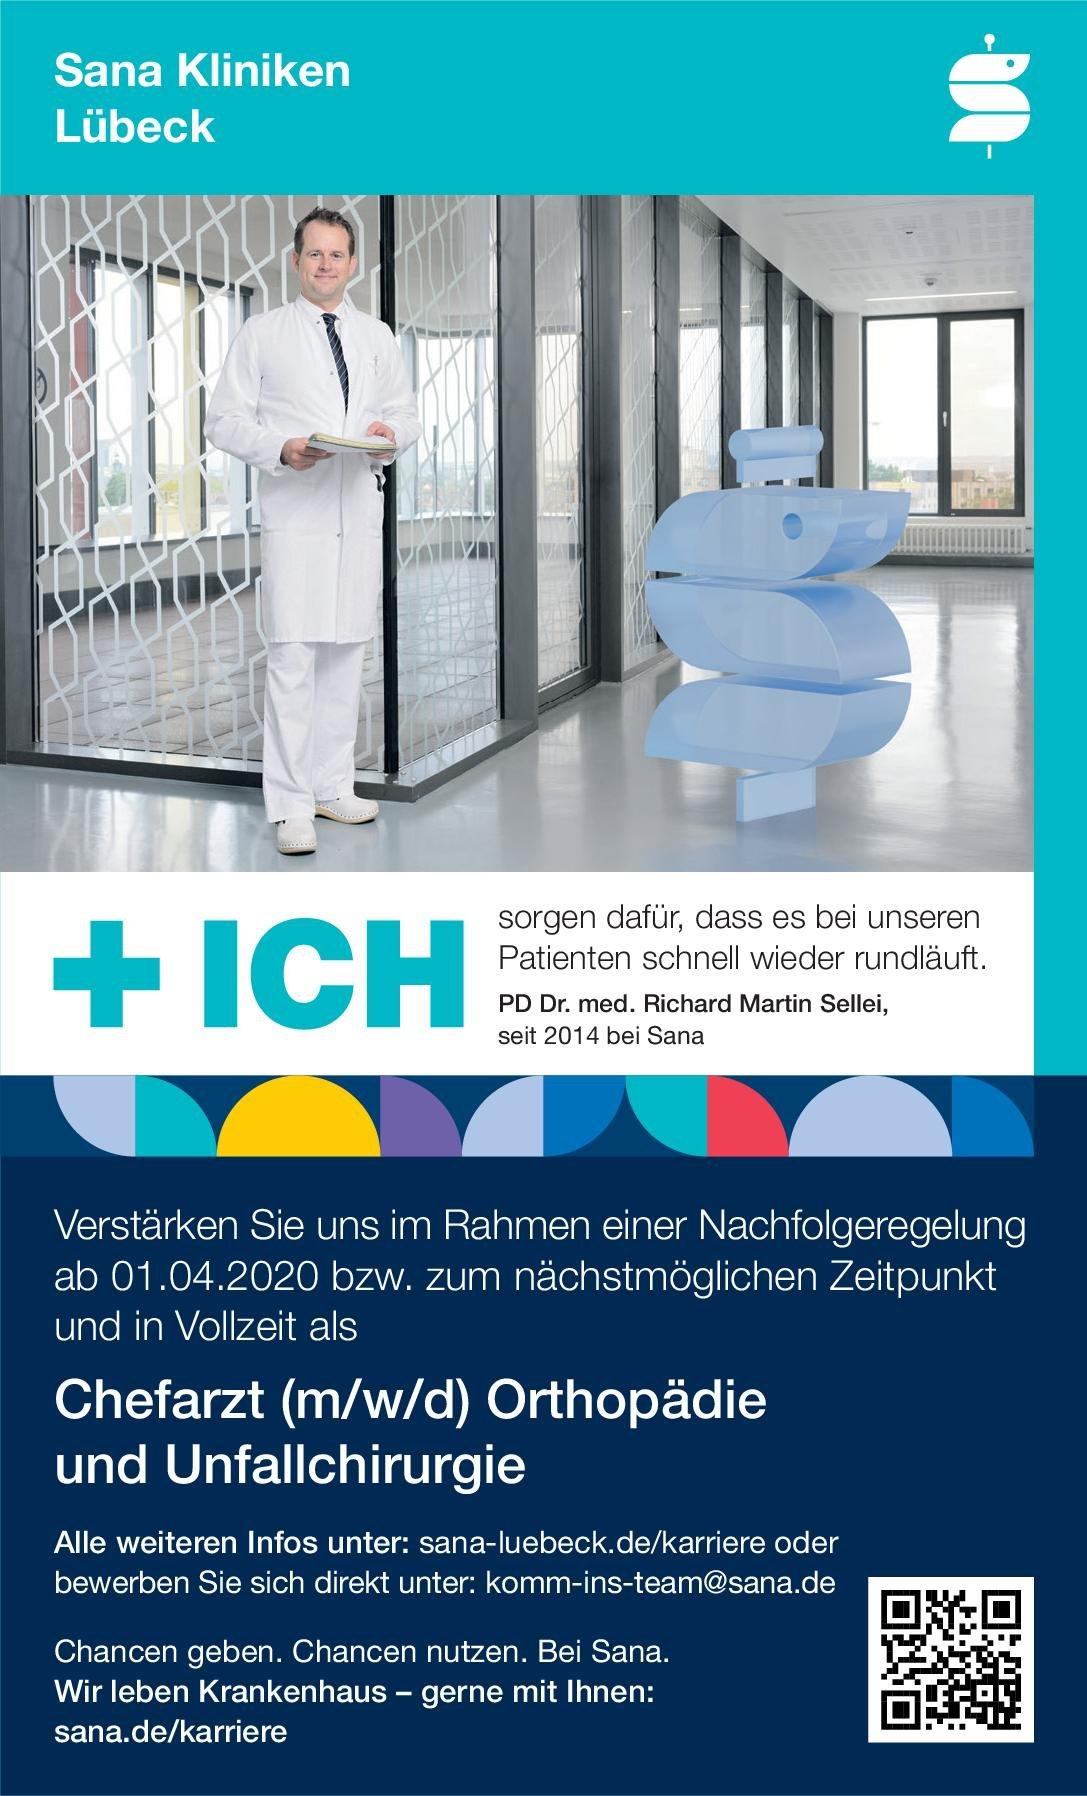 Sana Kliniken Lübeck Chefarzt (m/w/d) Orthopädie und Unfallchirurgie  Orthopädie und Unfallchirurgie, Chirurgie Chefarzt